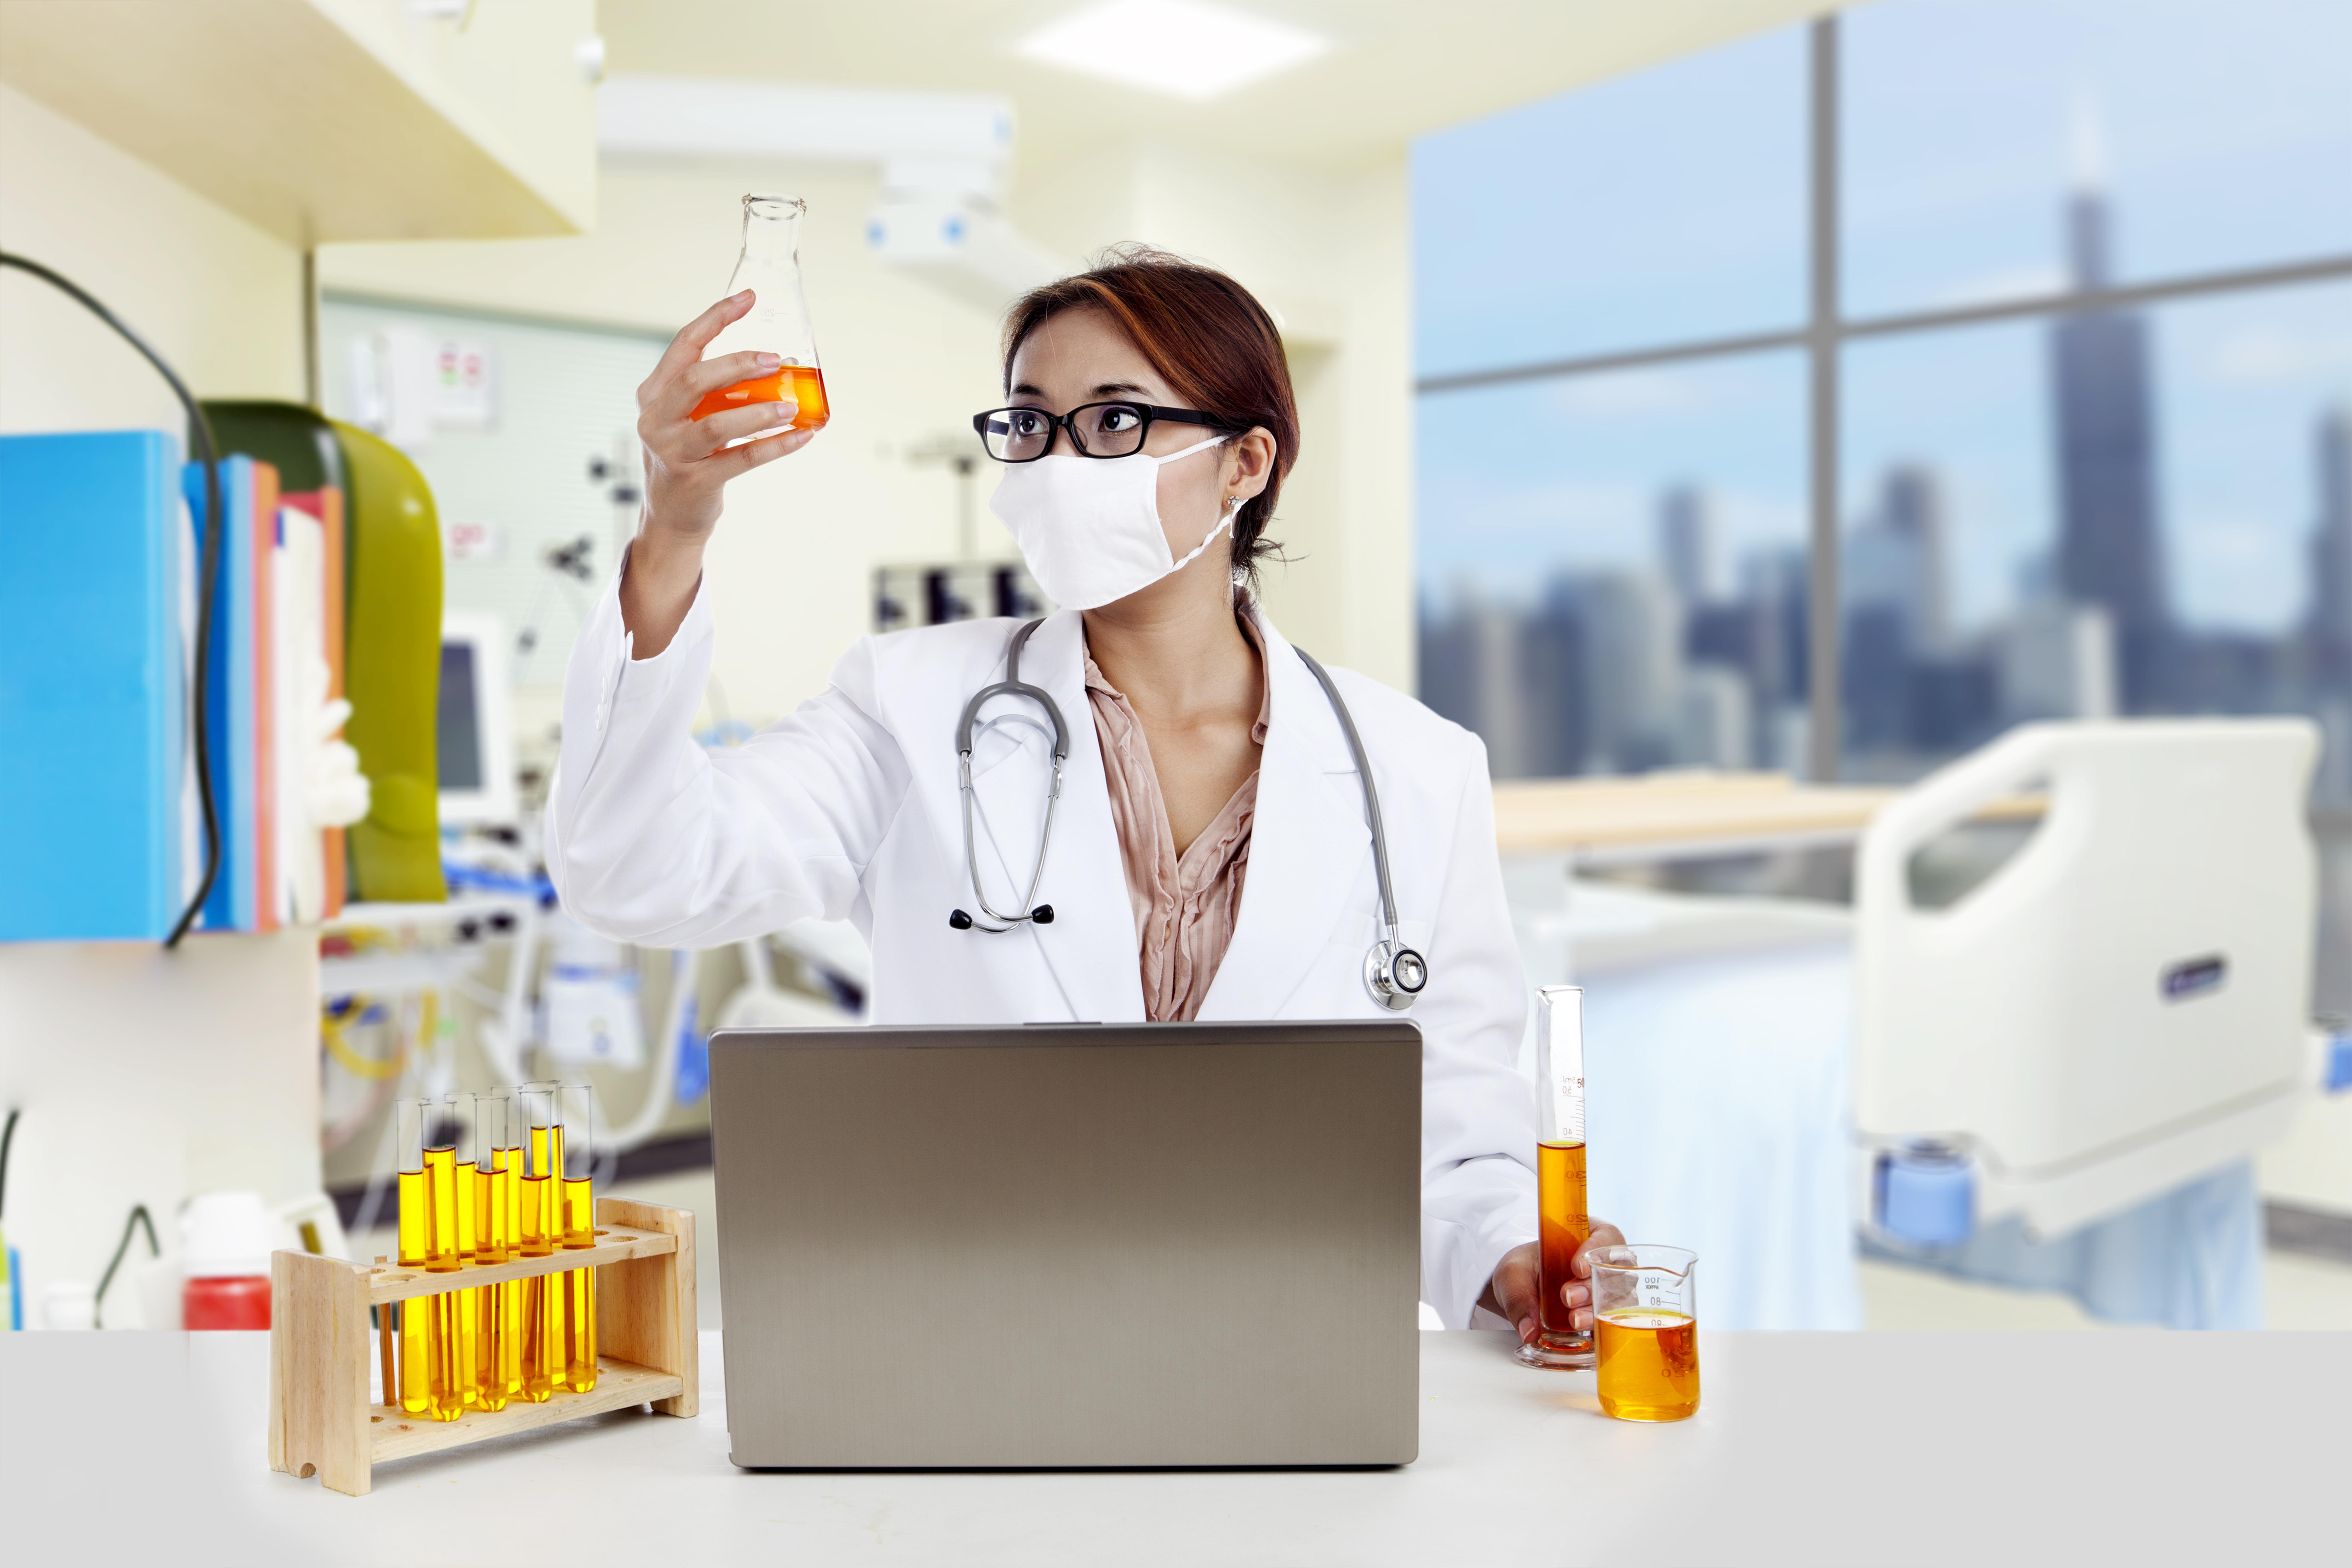 醫師前進清大進修人工智慧、大數據 跨域研究進化醫術-AI人工智慧